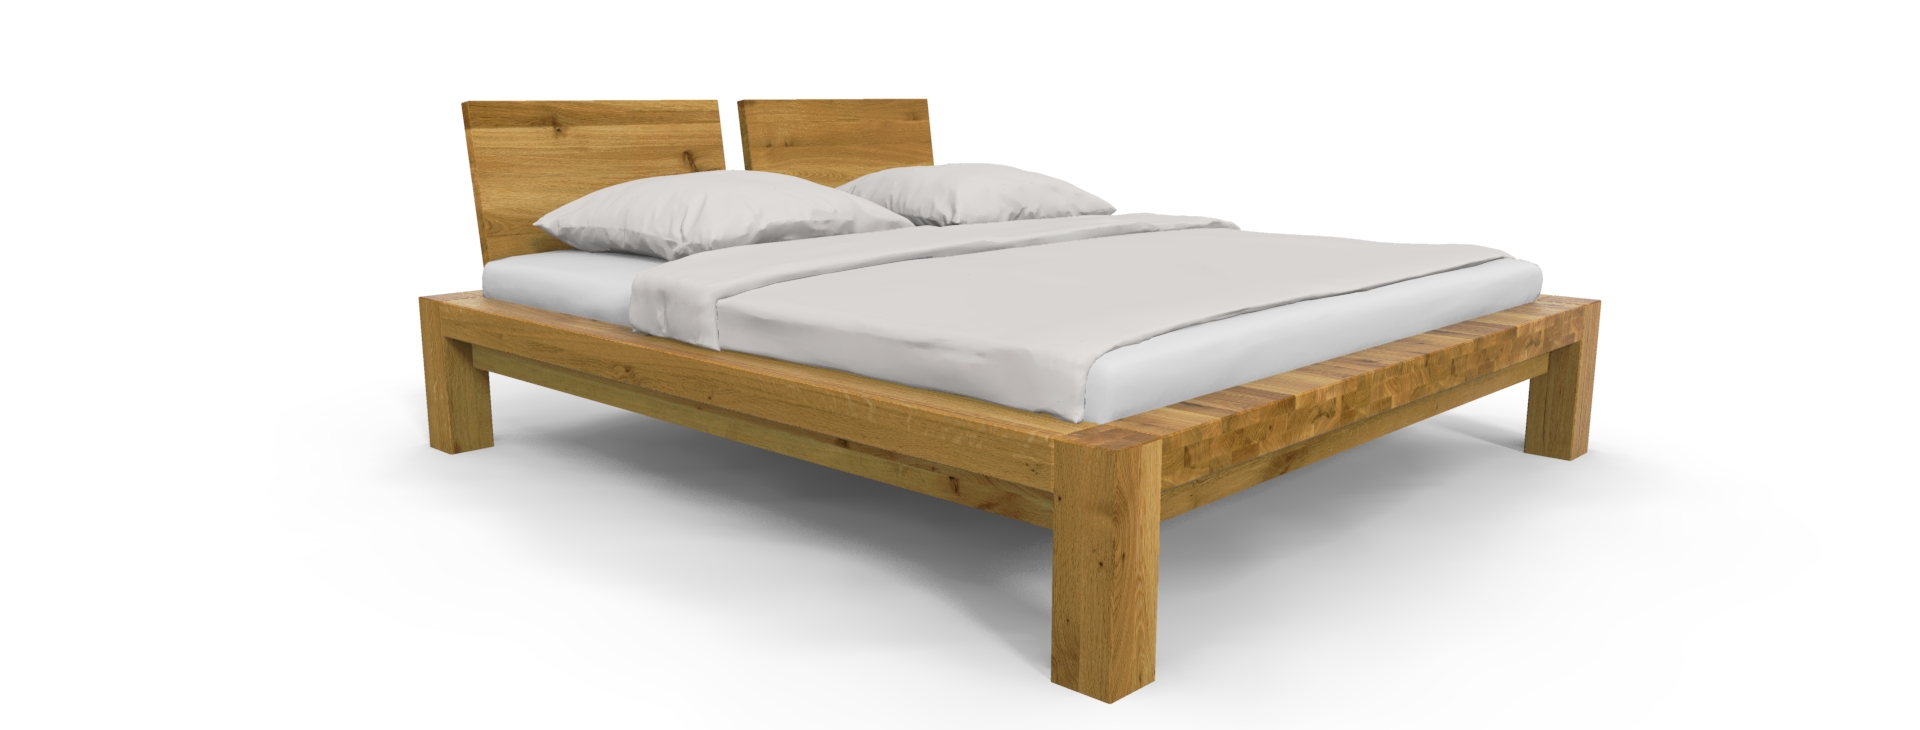 konfigurator f r massivholzbetten jedes ma holz. Black Bedroom Furniture Sets. Home Design Ideas